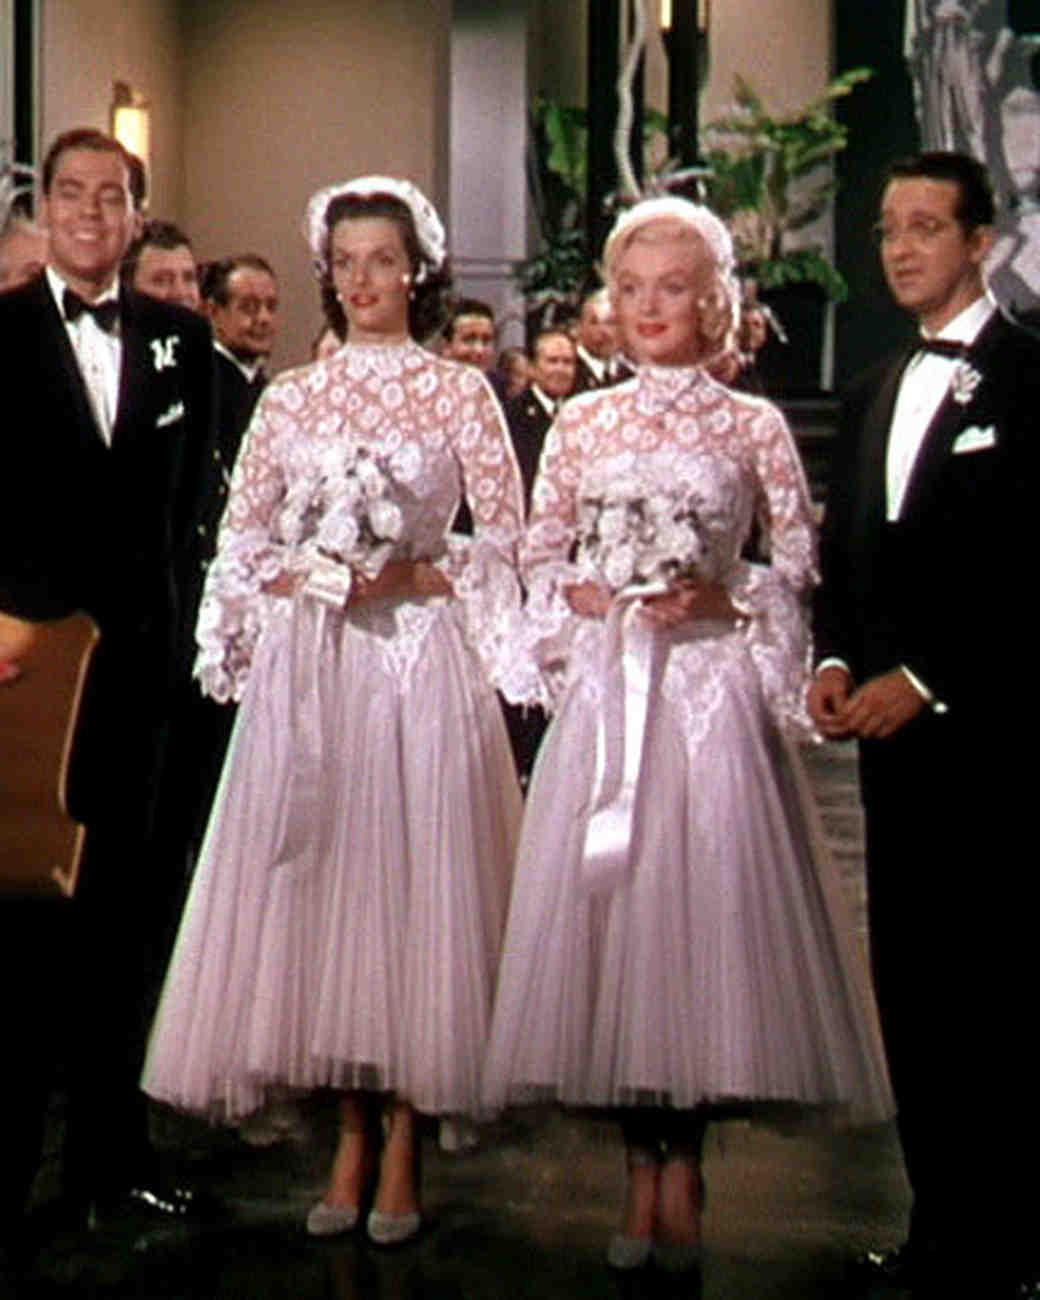 movie-wedding-dresses-gentlemen-prefer-blondes-marilyn-monroe-jane-russell-0316.jpg